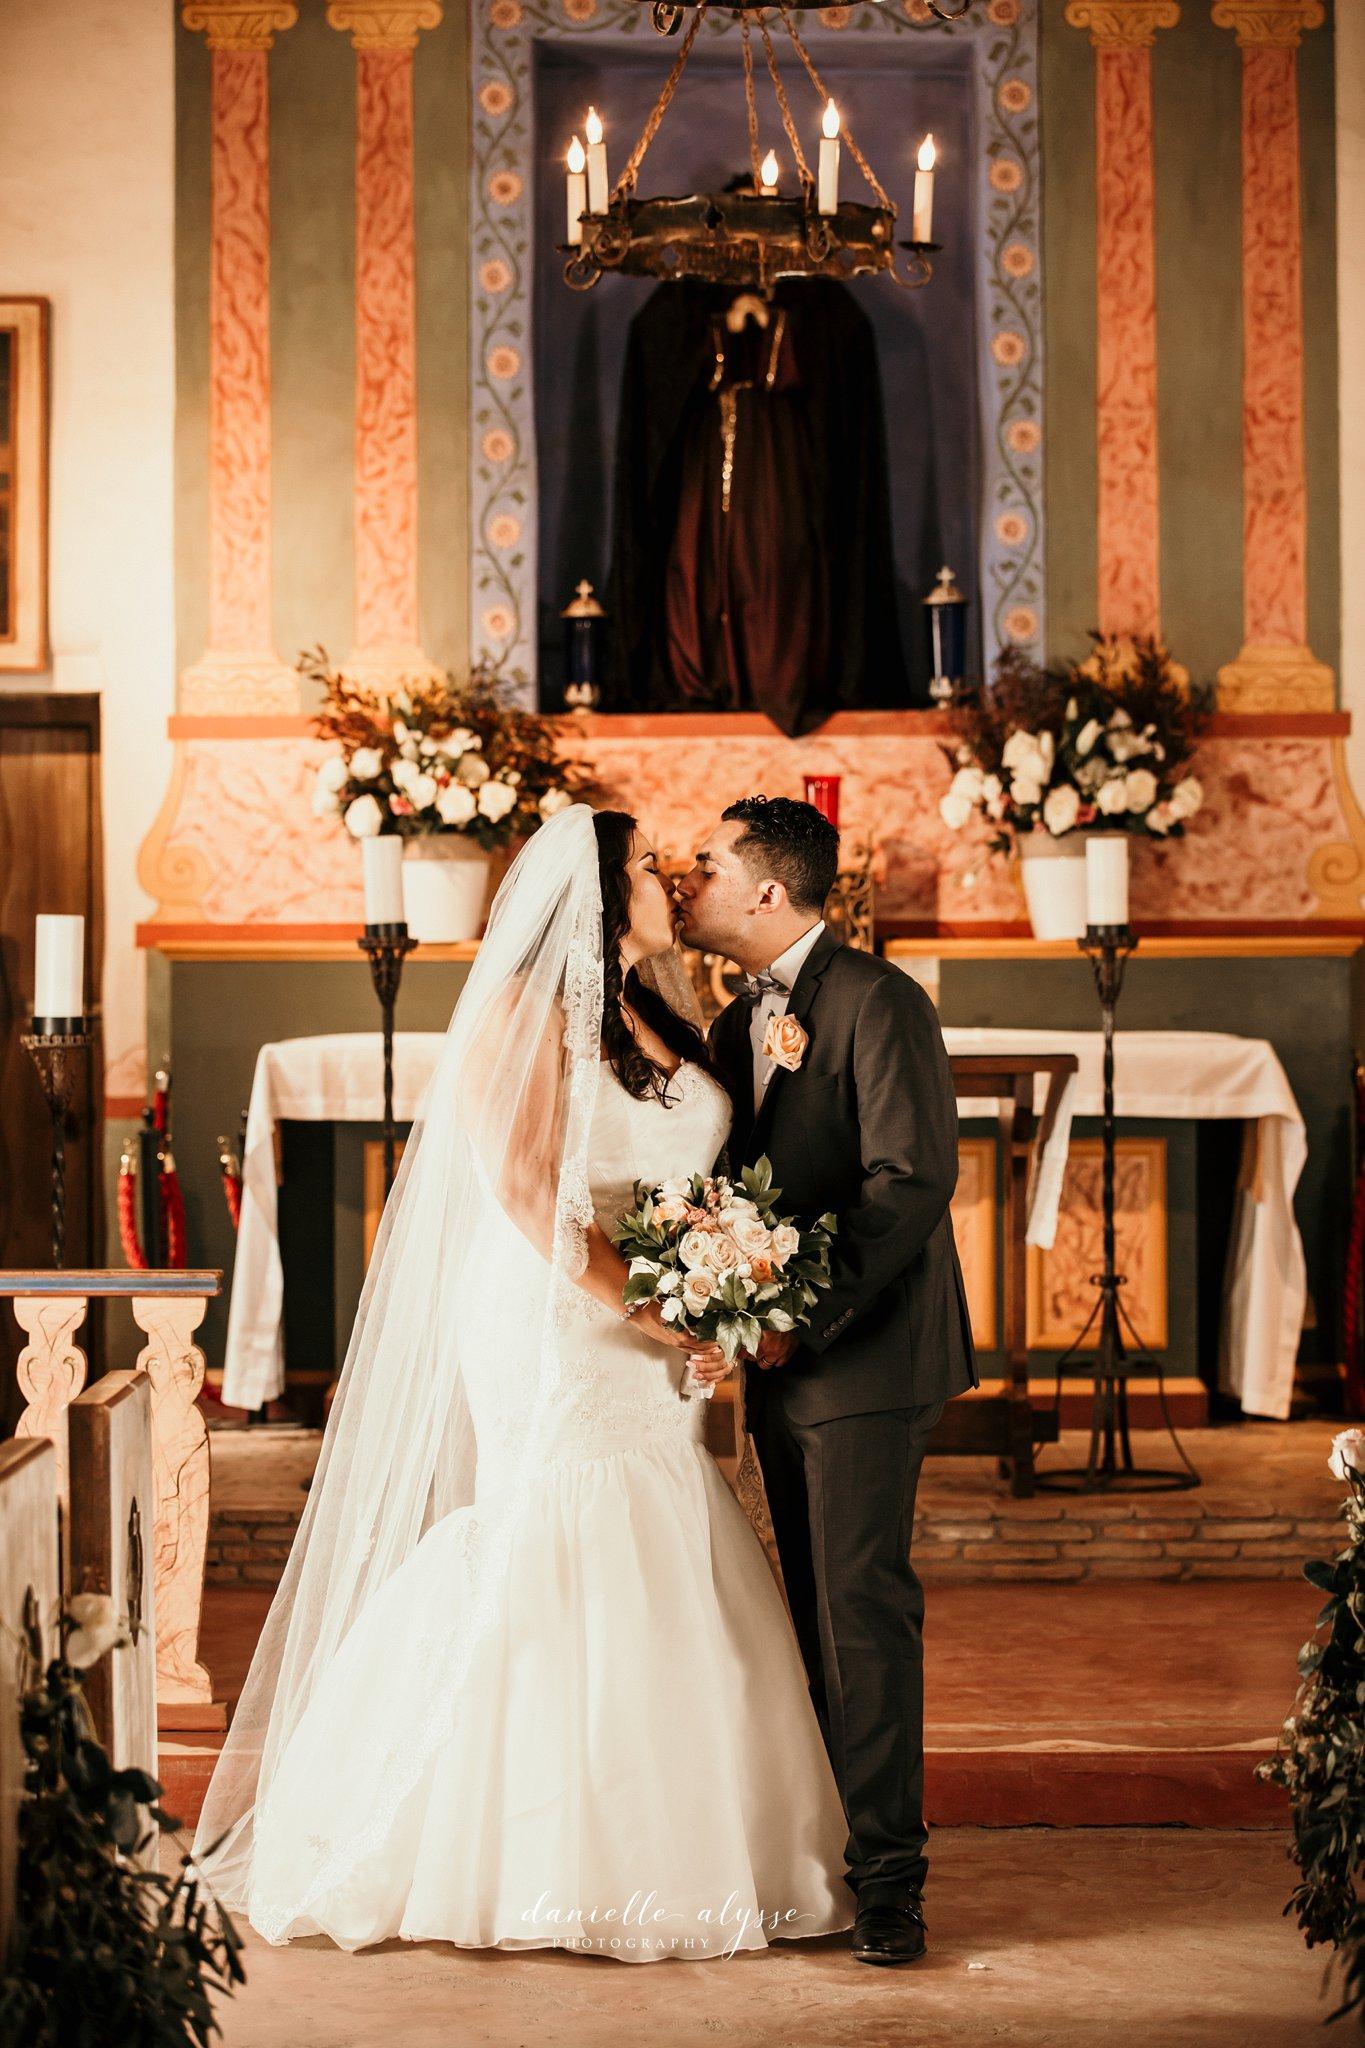 180630_wedding_lily_ryan_mission_soledad_california_danielle_alysse_photography_blog_611_WEB.jpg